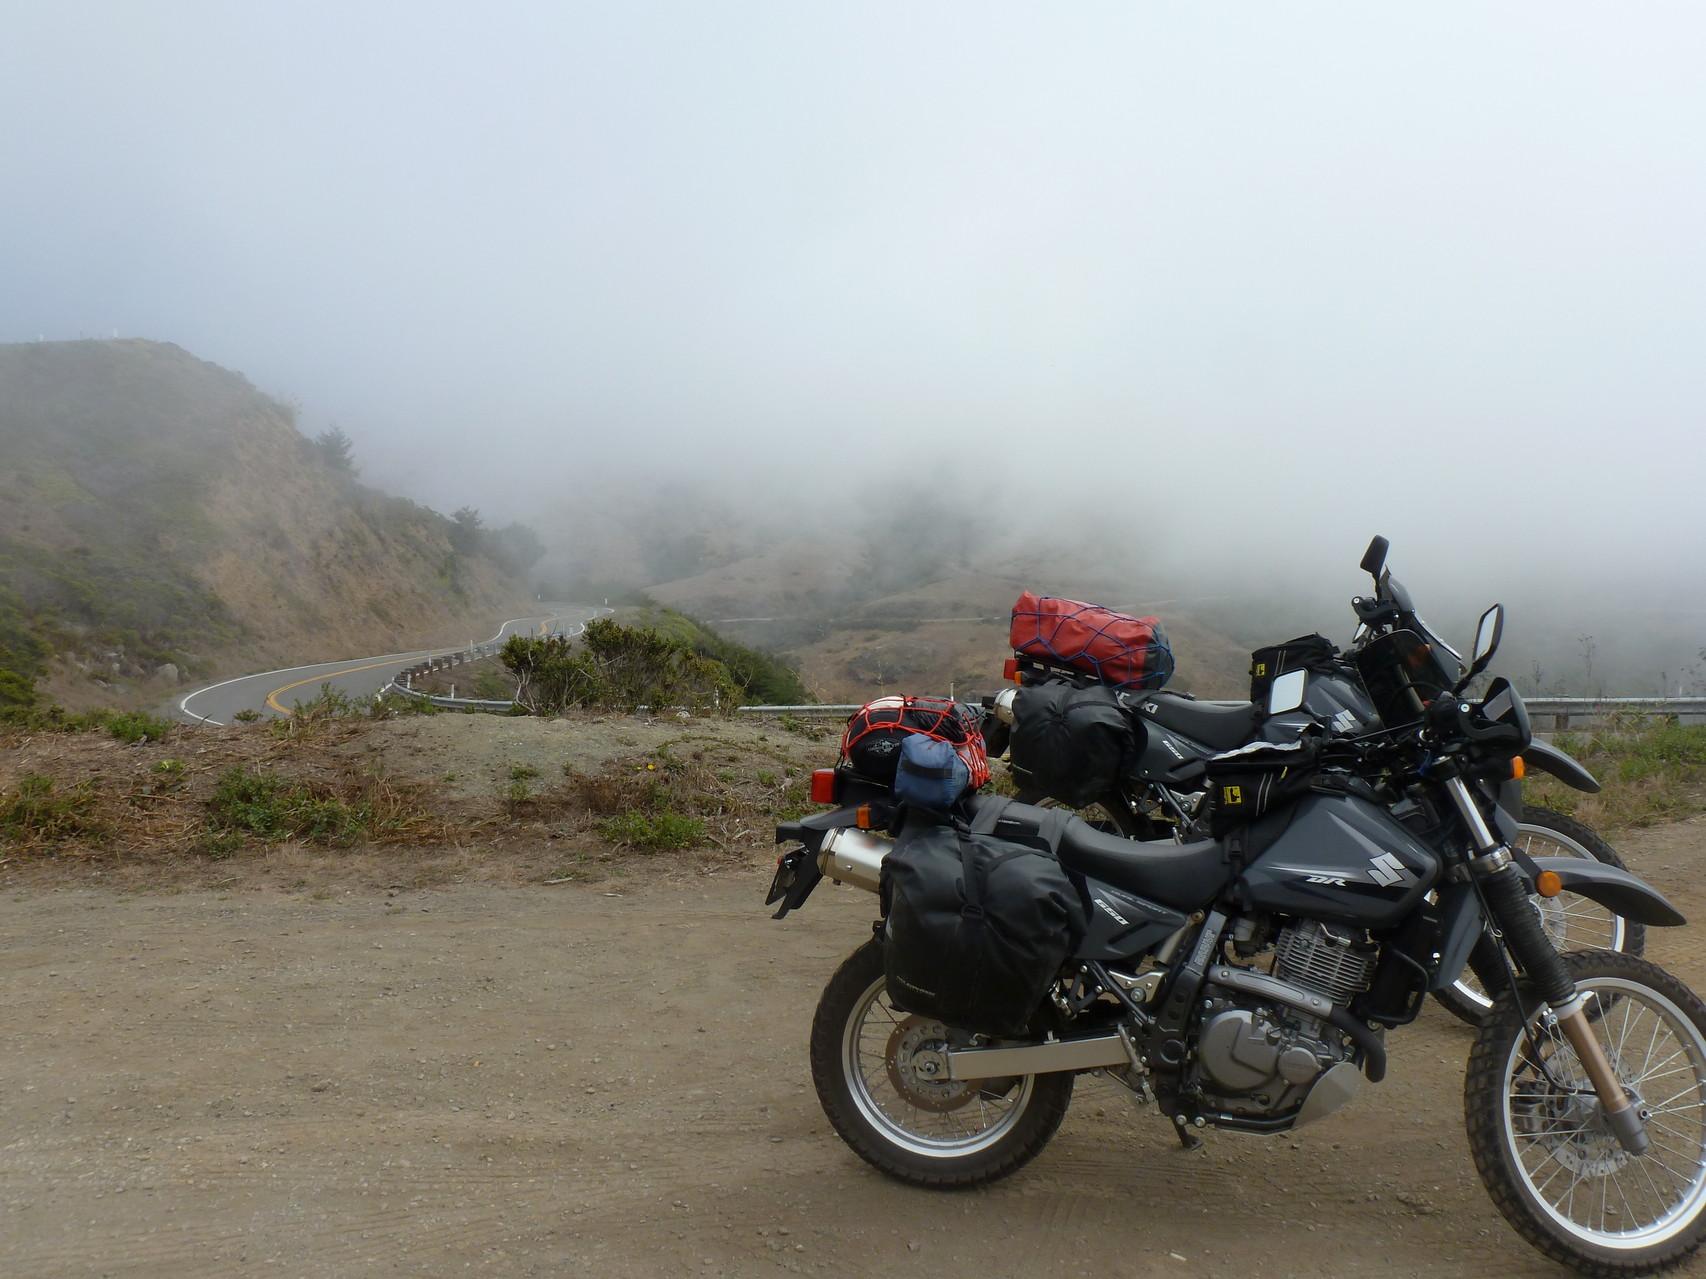 Foggy morning ride down Hwy 1